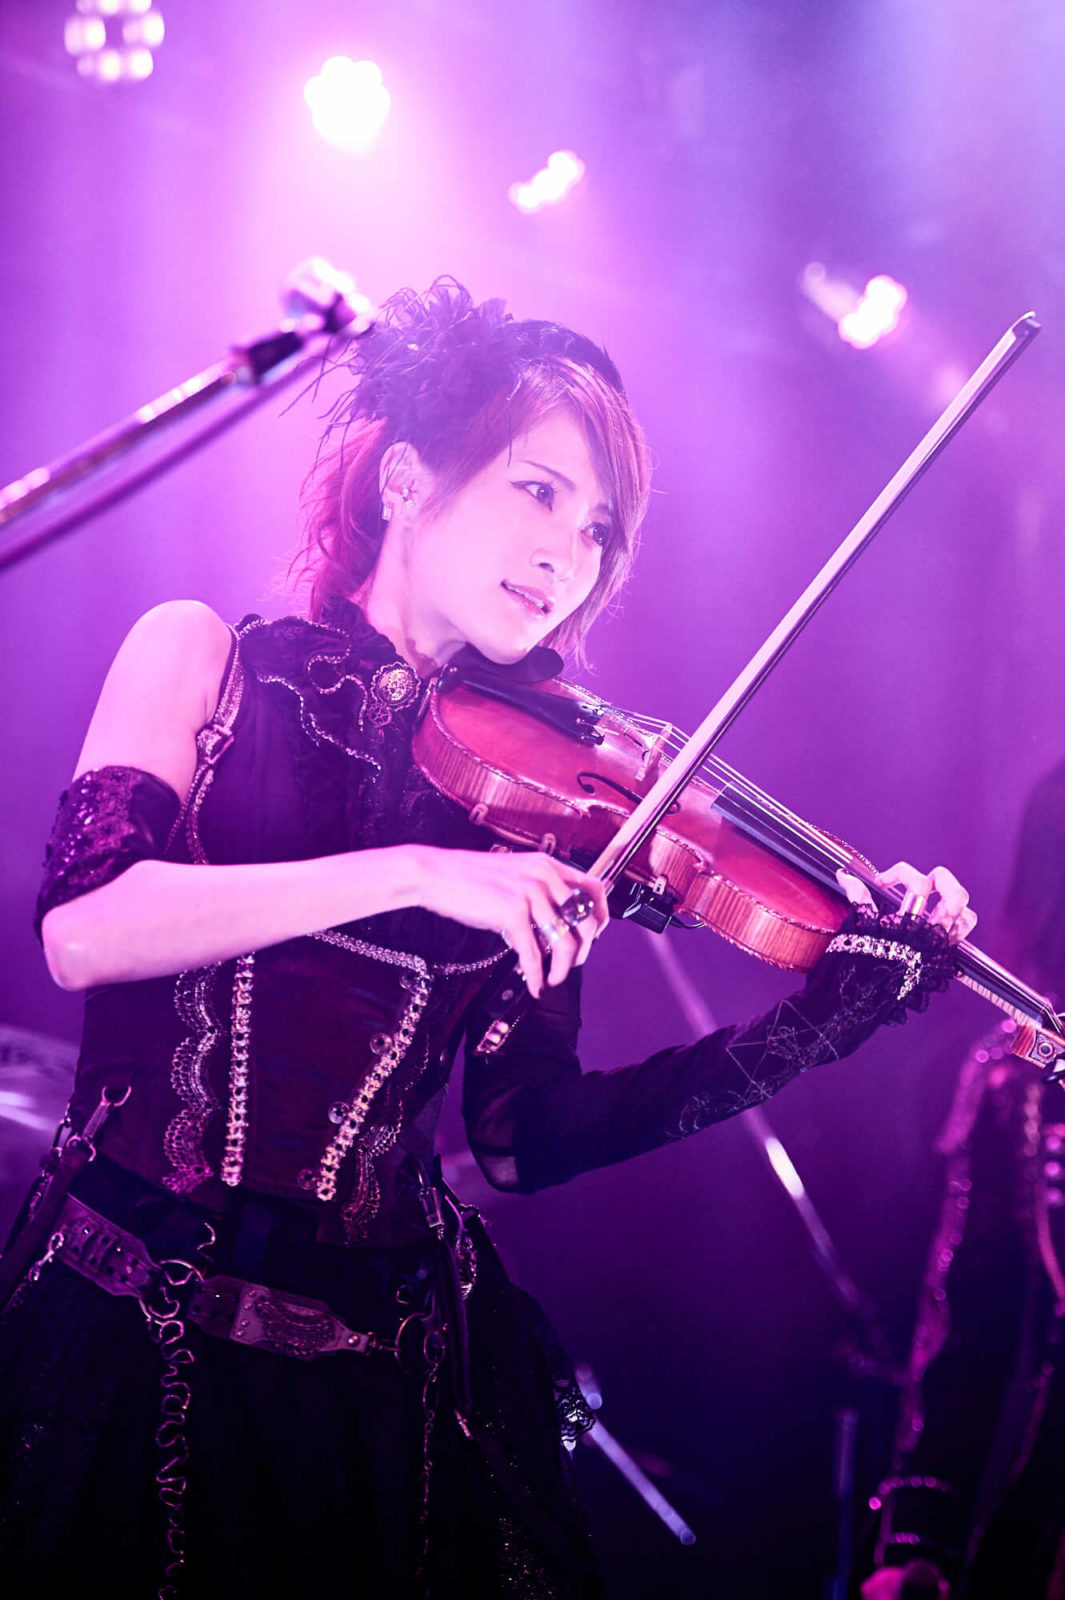 イケメン女子モデル・AKIRAとロックヴァイオリニスト・Ayasaの異色ロックユニット『+A(プラスエー)』がお披露目ライブでファンを魅了